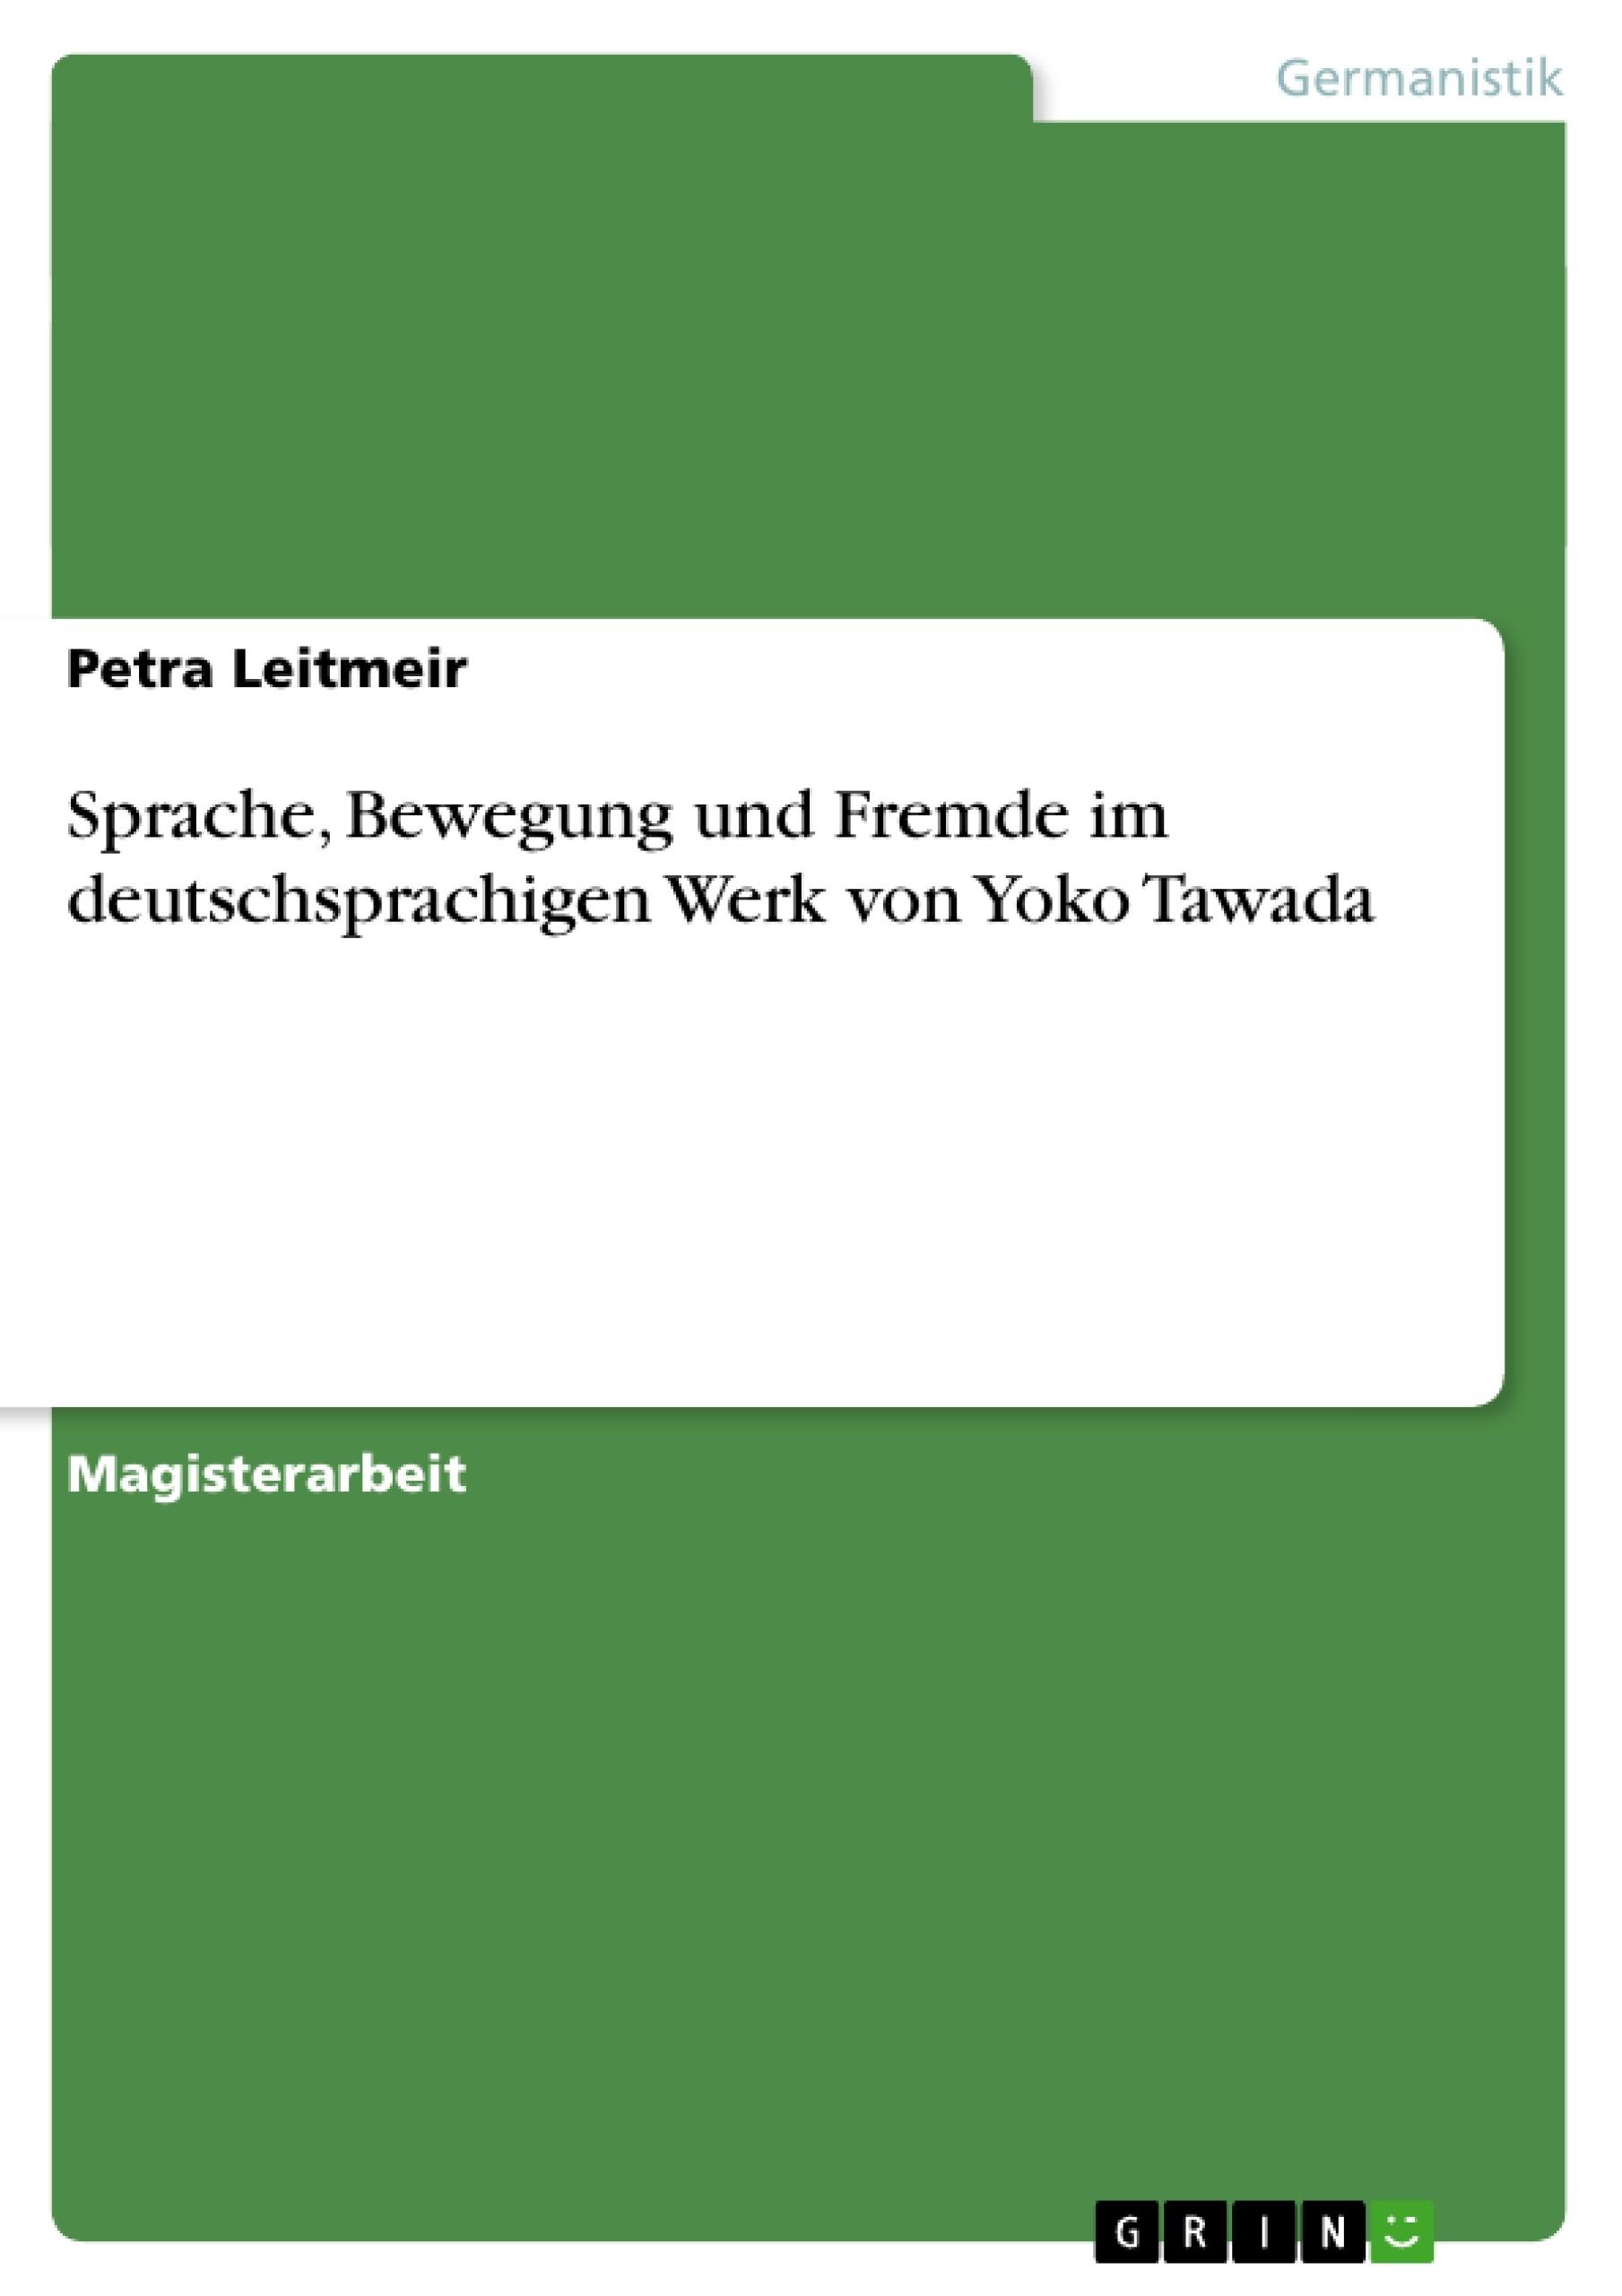 Titel: Sprache, Bewegung und Fremde im deutschsprachigen Werk von Yoko Tawada